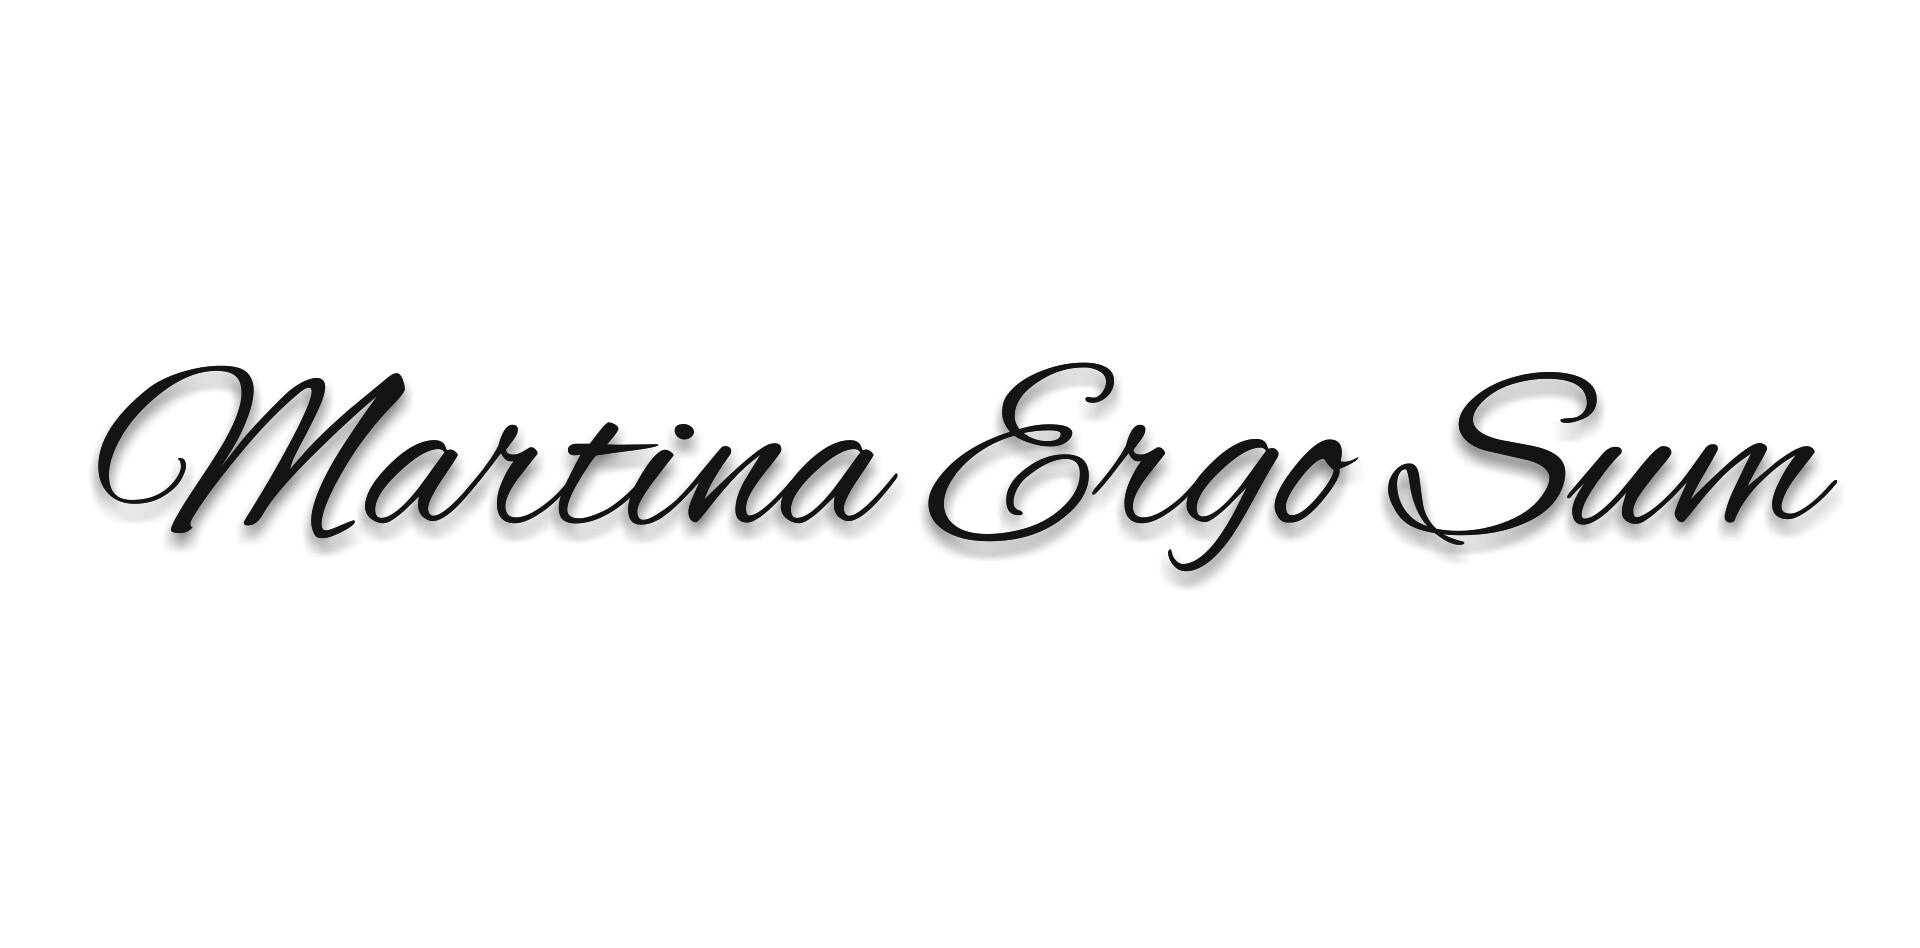 Martina Ergo Sum.